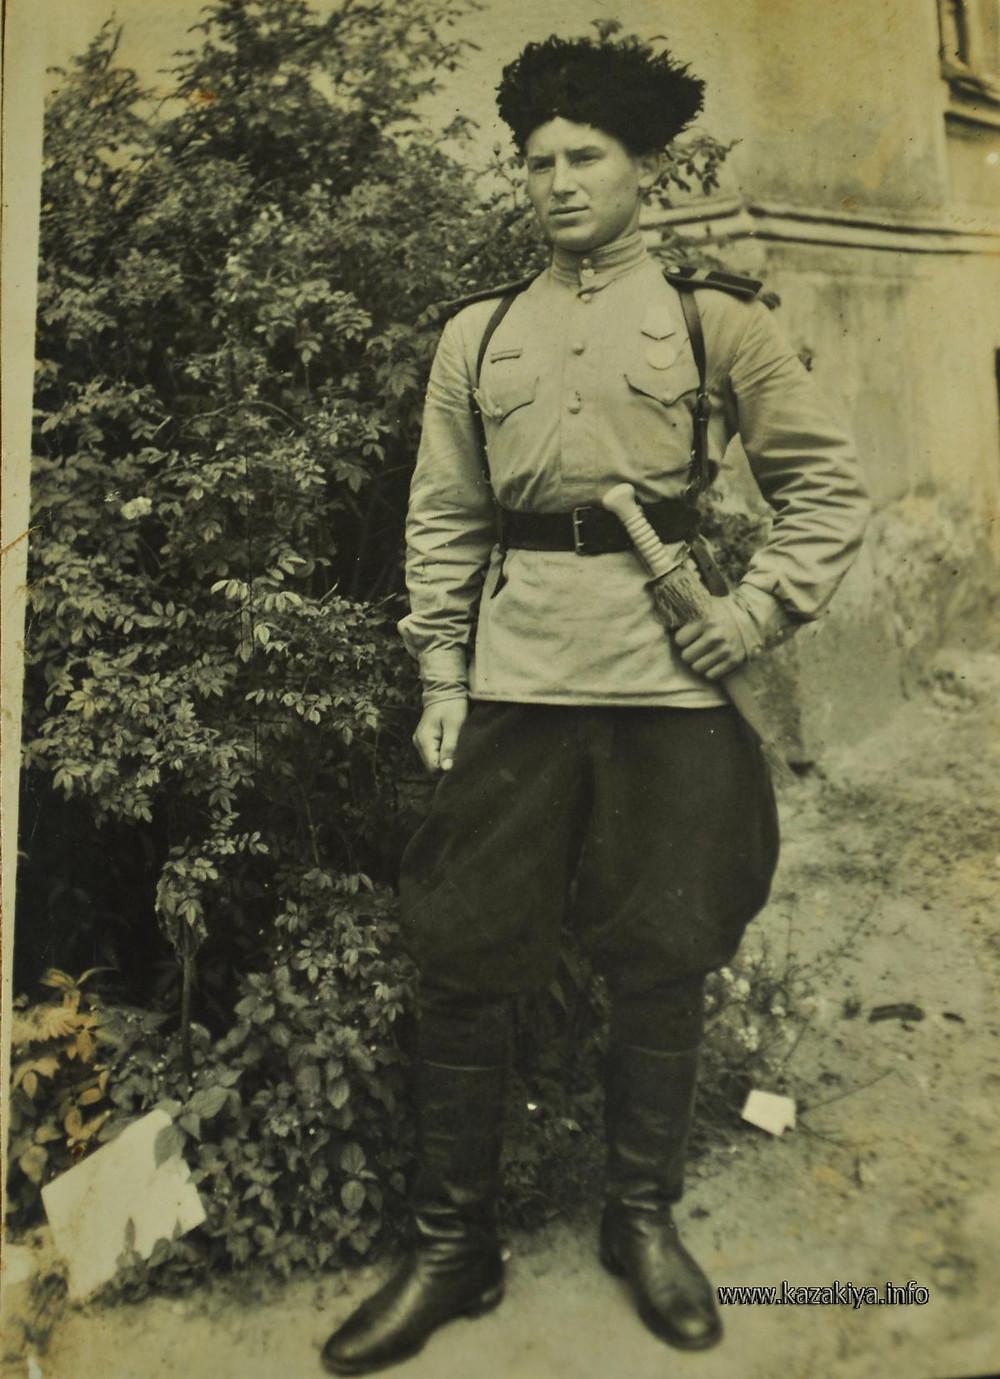 старейший Казак Уссурийского Казачьего войска Плотников Иван Павлович (1924 г.р.) в годы войны.